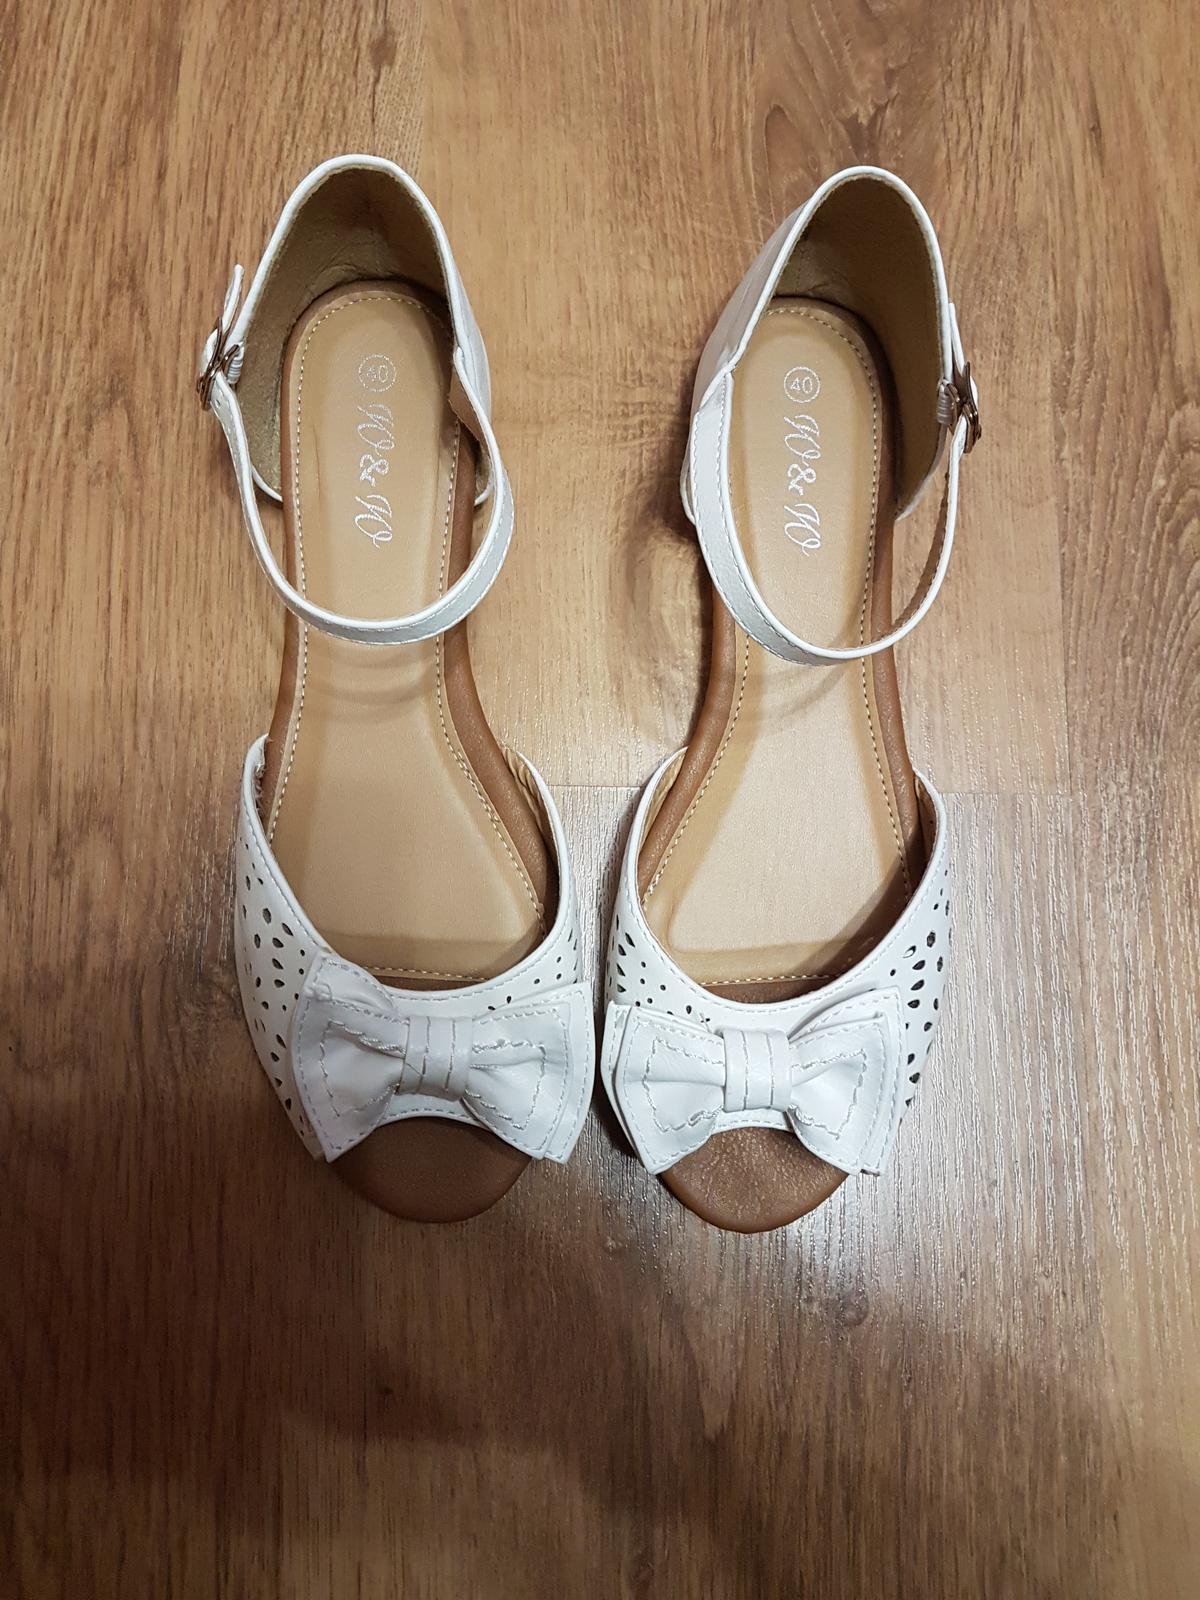 ♥07.07.2018♥ - Moje topánočky 👠